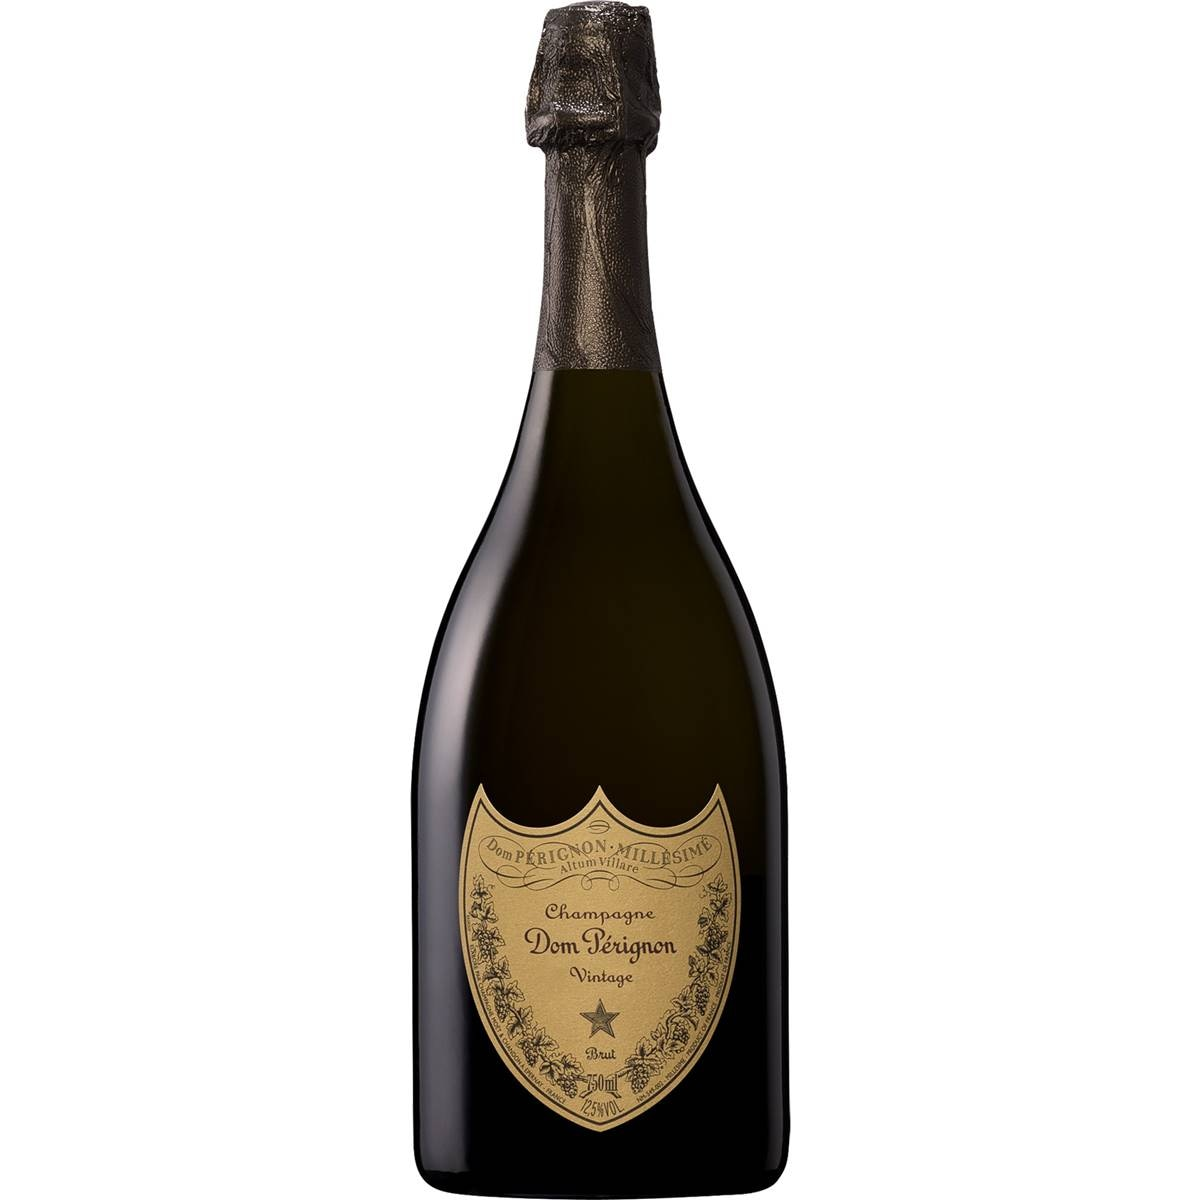 Dom Perignon Champagne Champagne1200 x 1200 jpeg 62kB